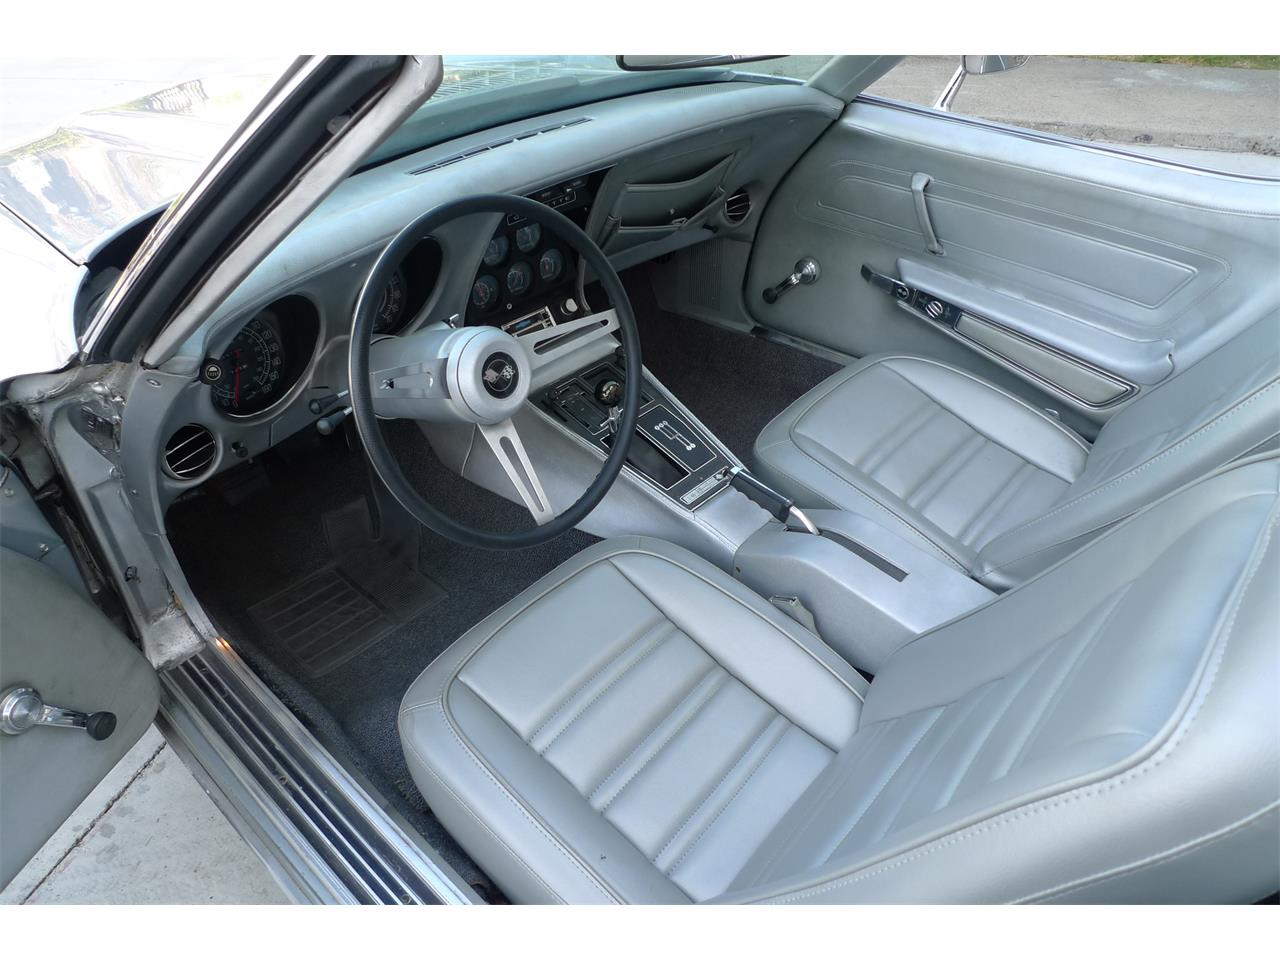 1975 Chevrolet Corvette (CC-1246199) for sale in Anaheim, California